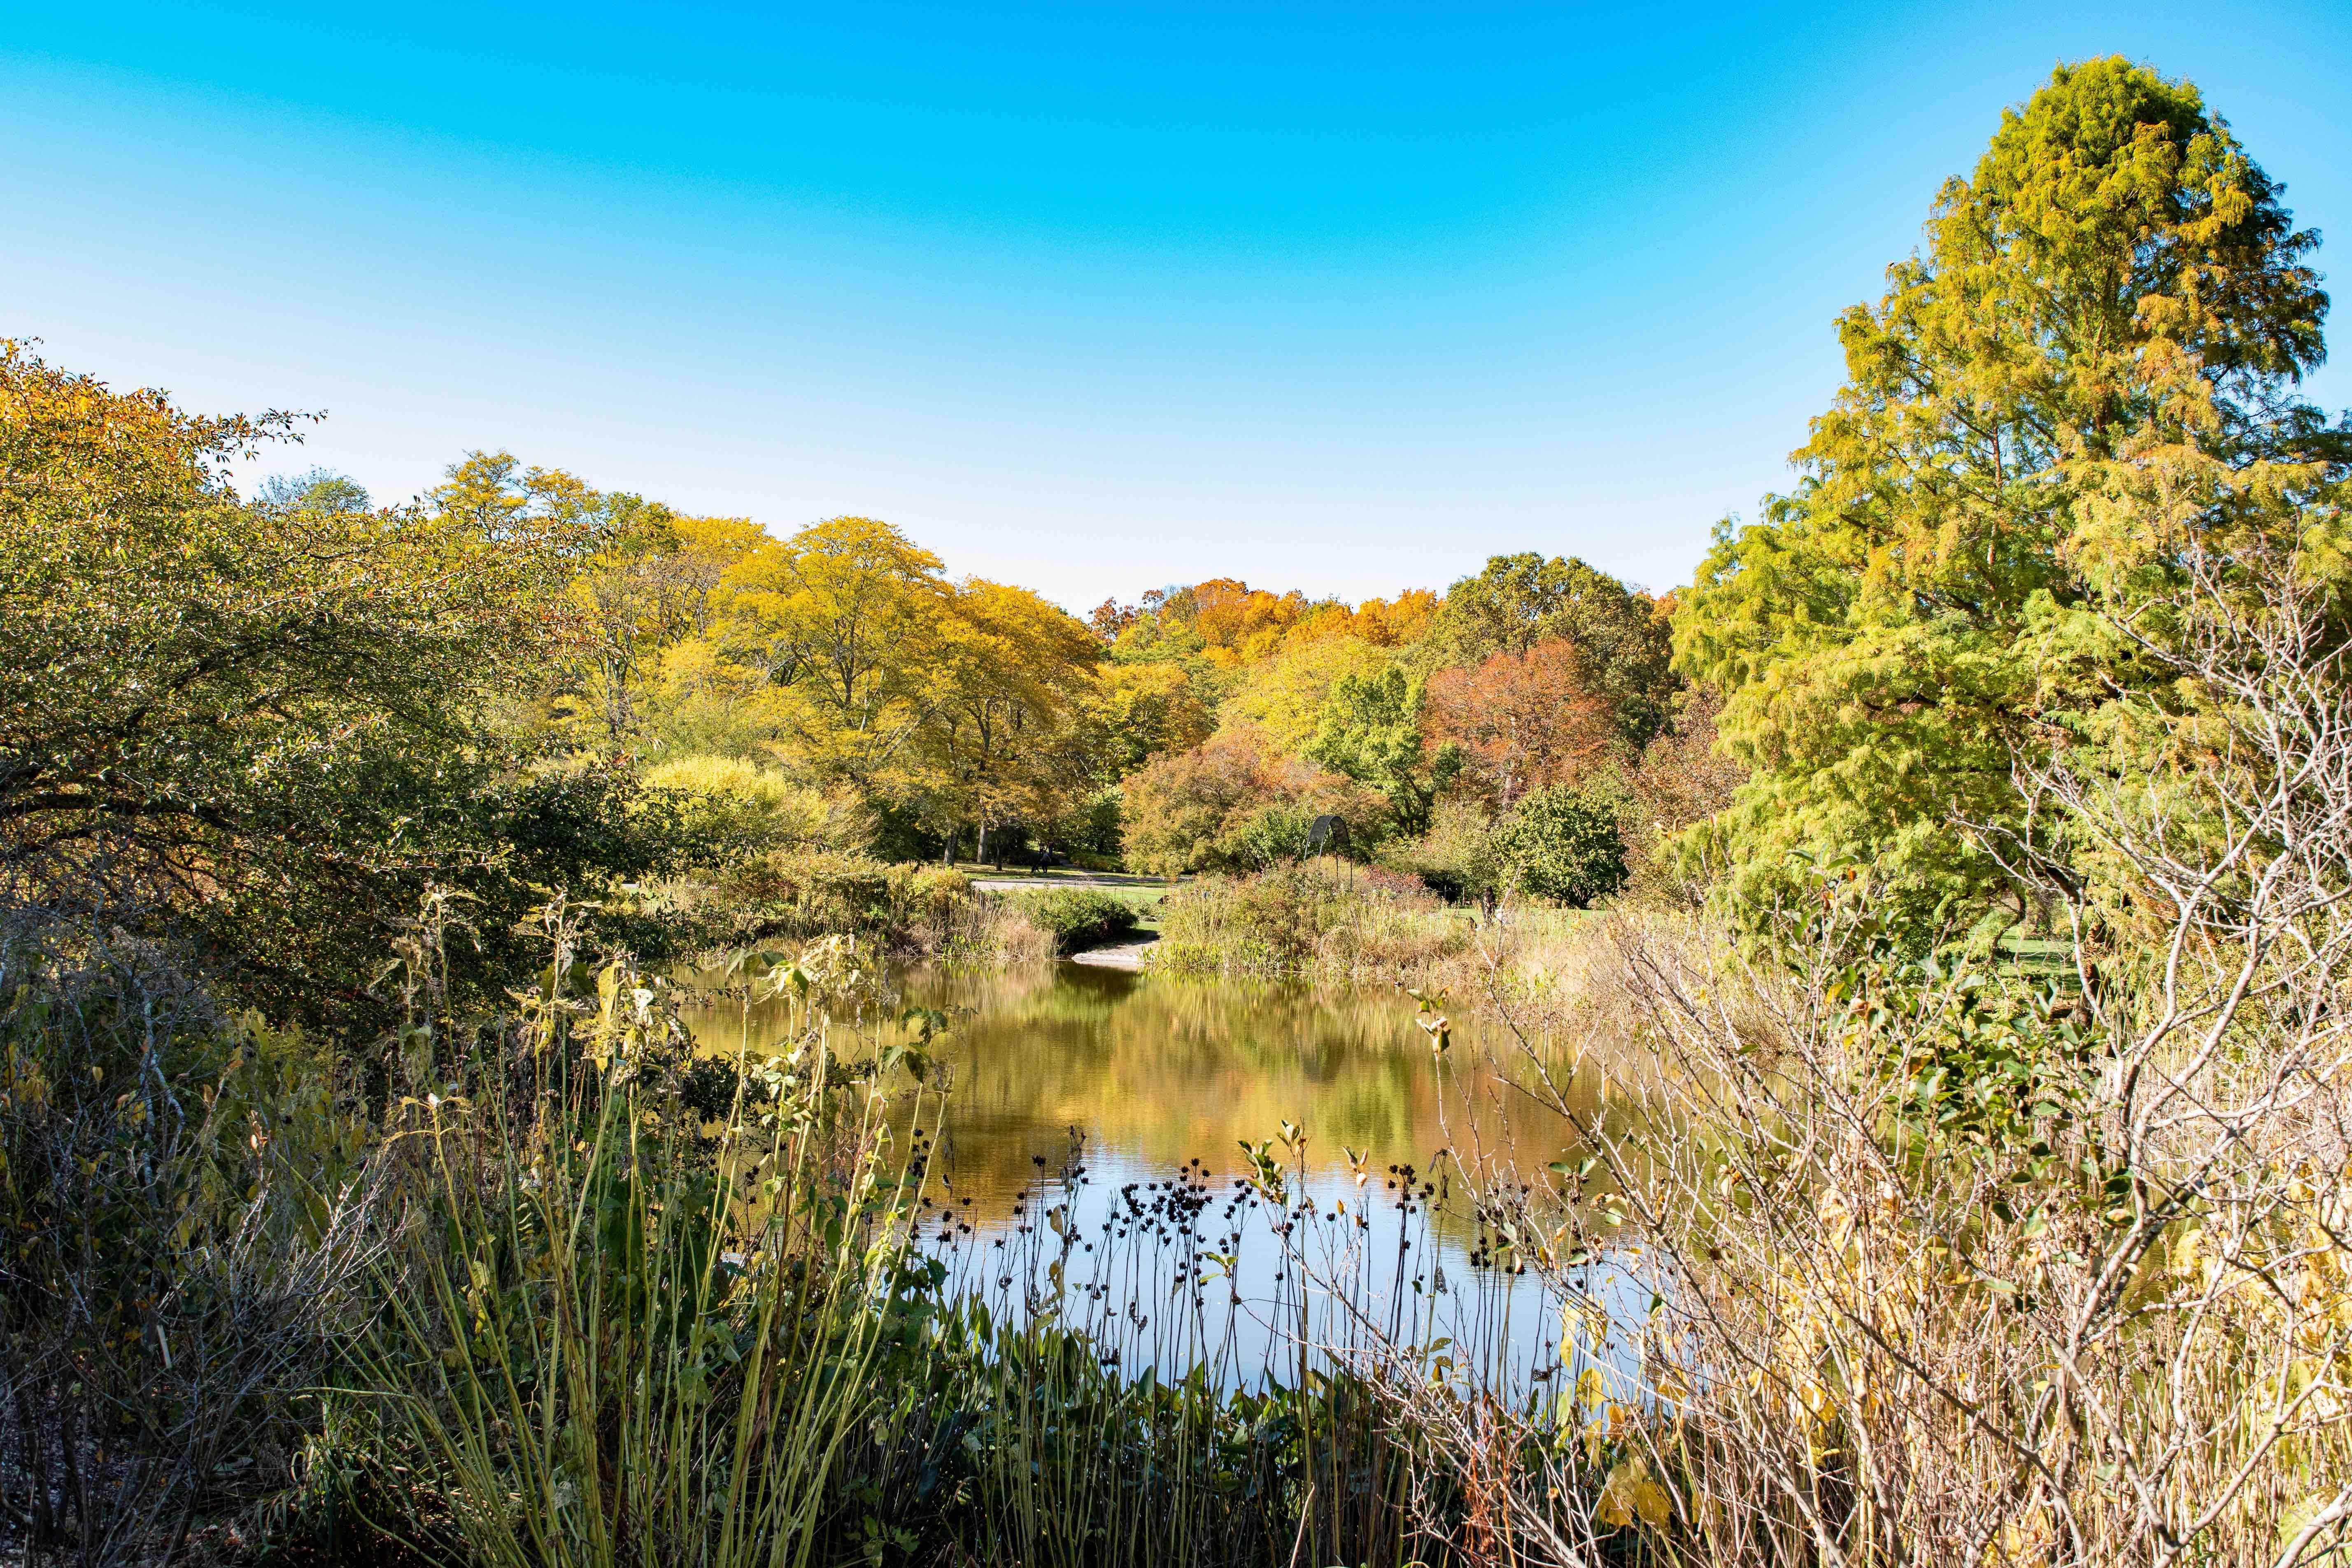 Arboretum-0089.jpg